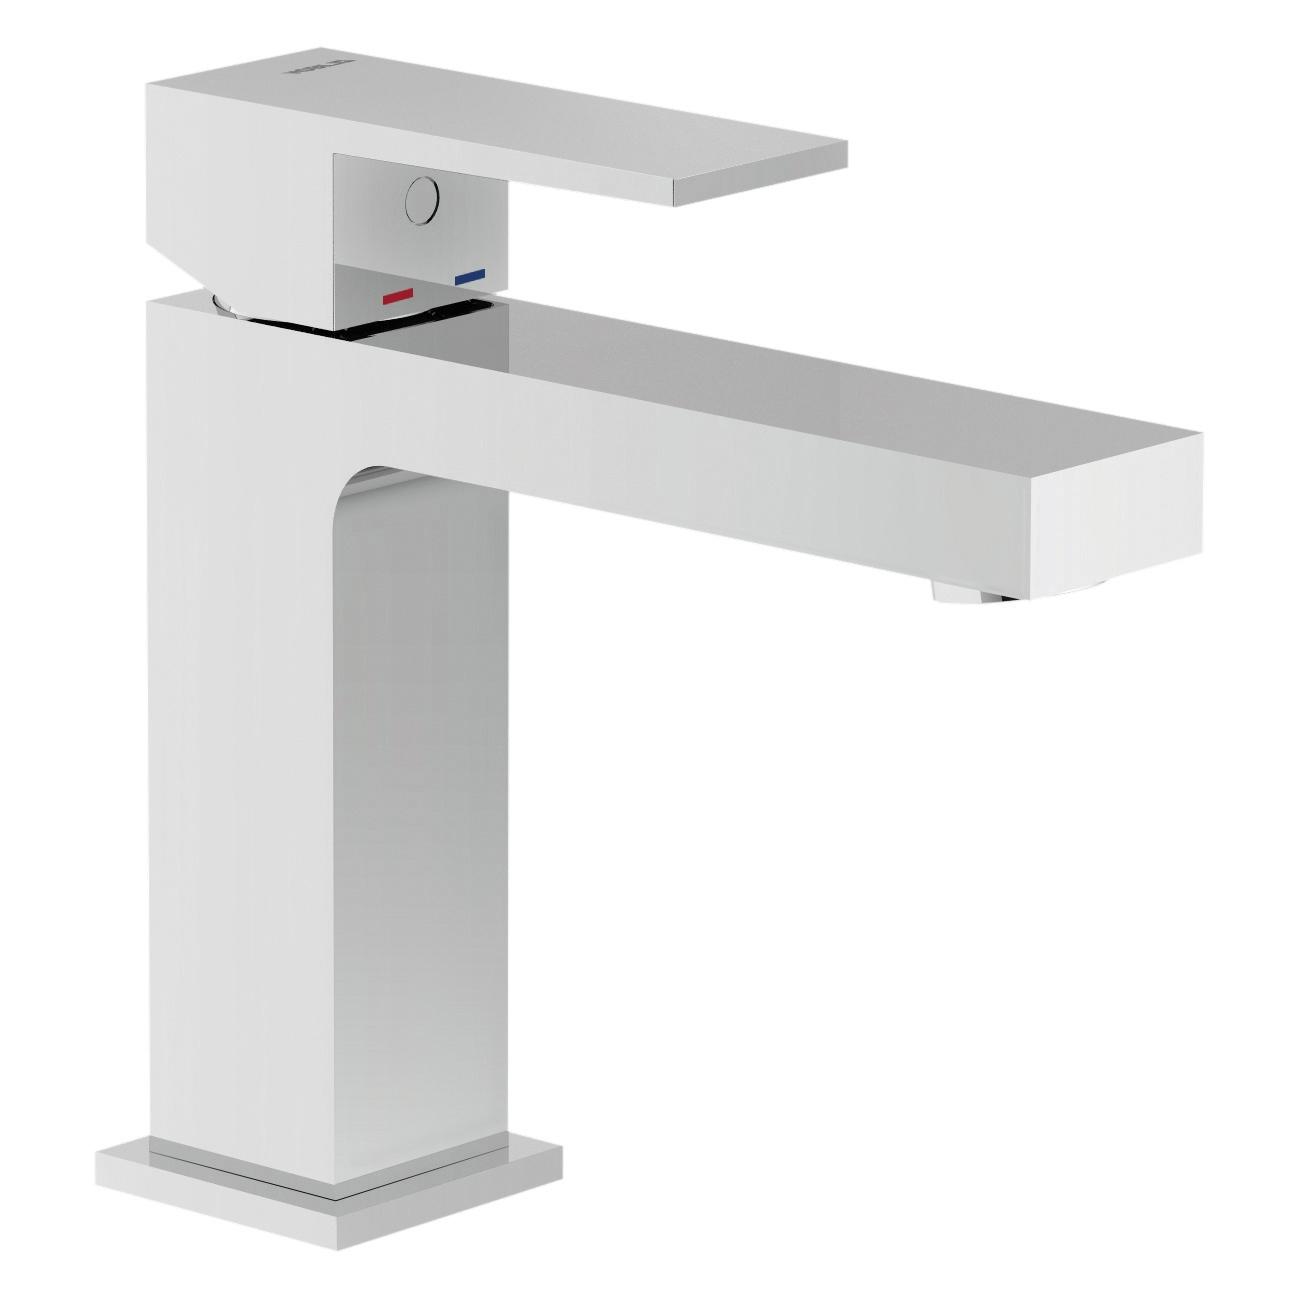 Mitigeur lavabo Gary Aquance